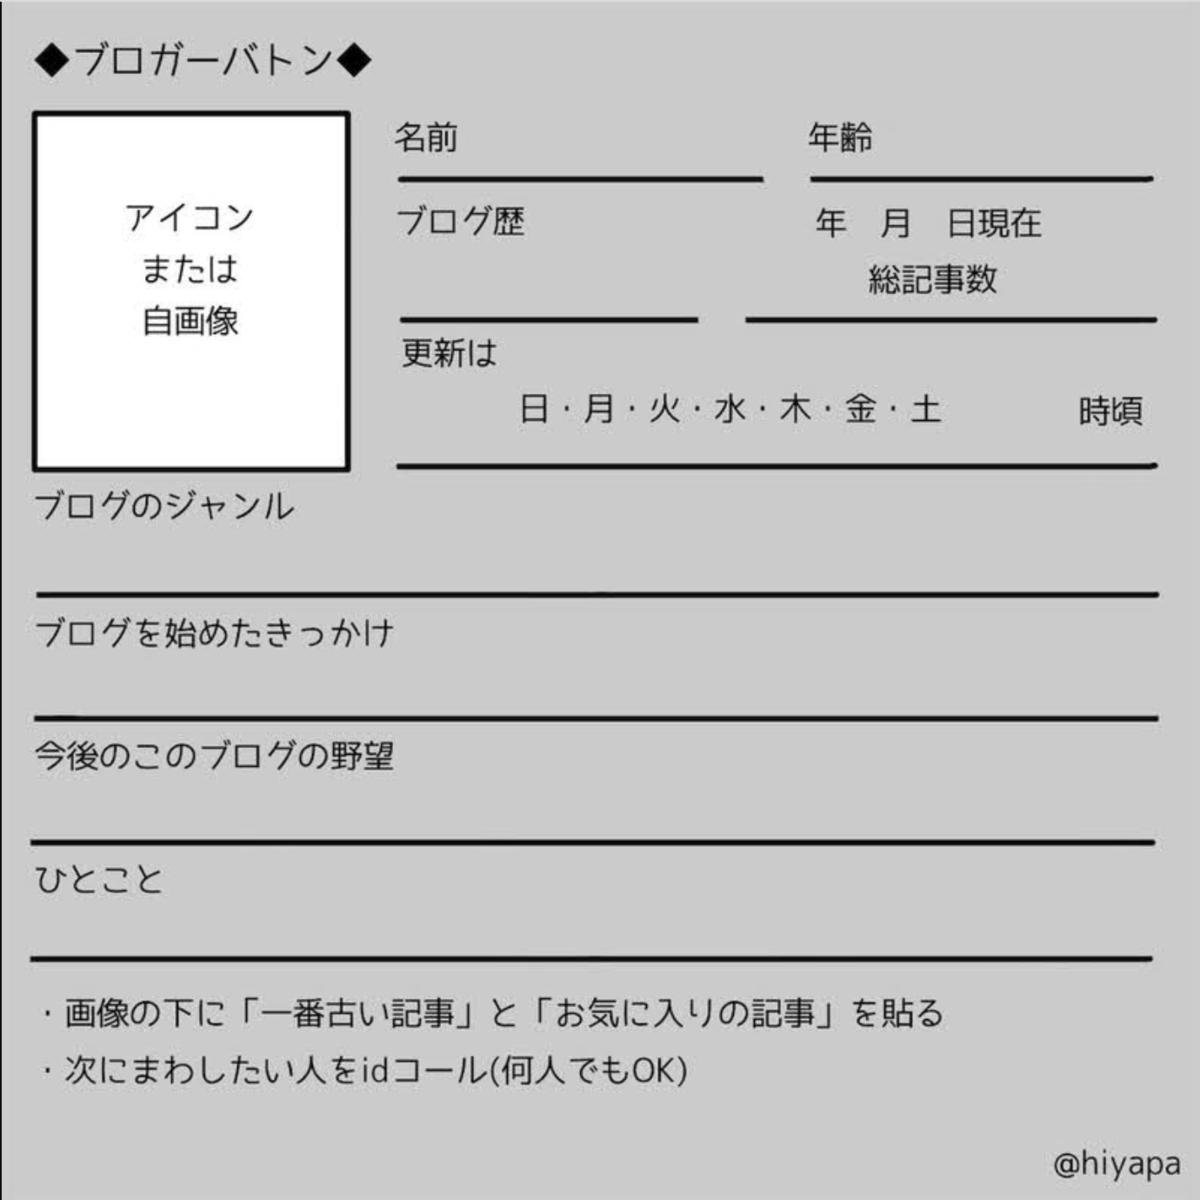 f:id:toyamayama:20200701121752p:plain